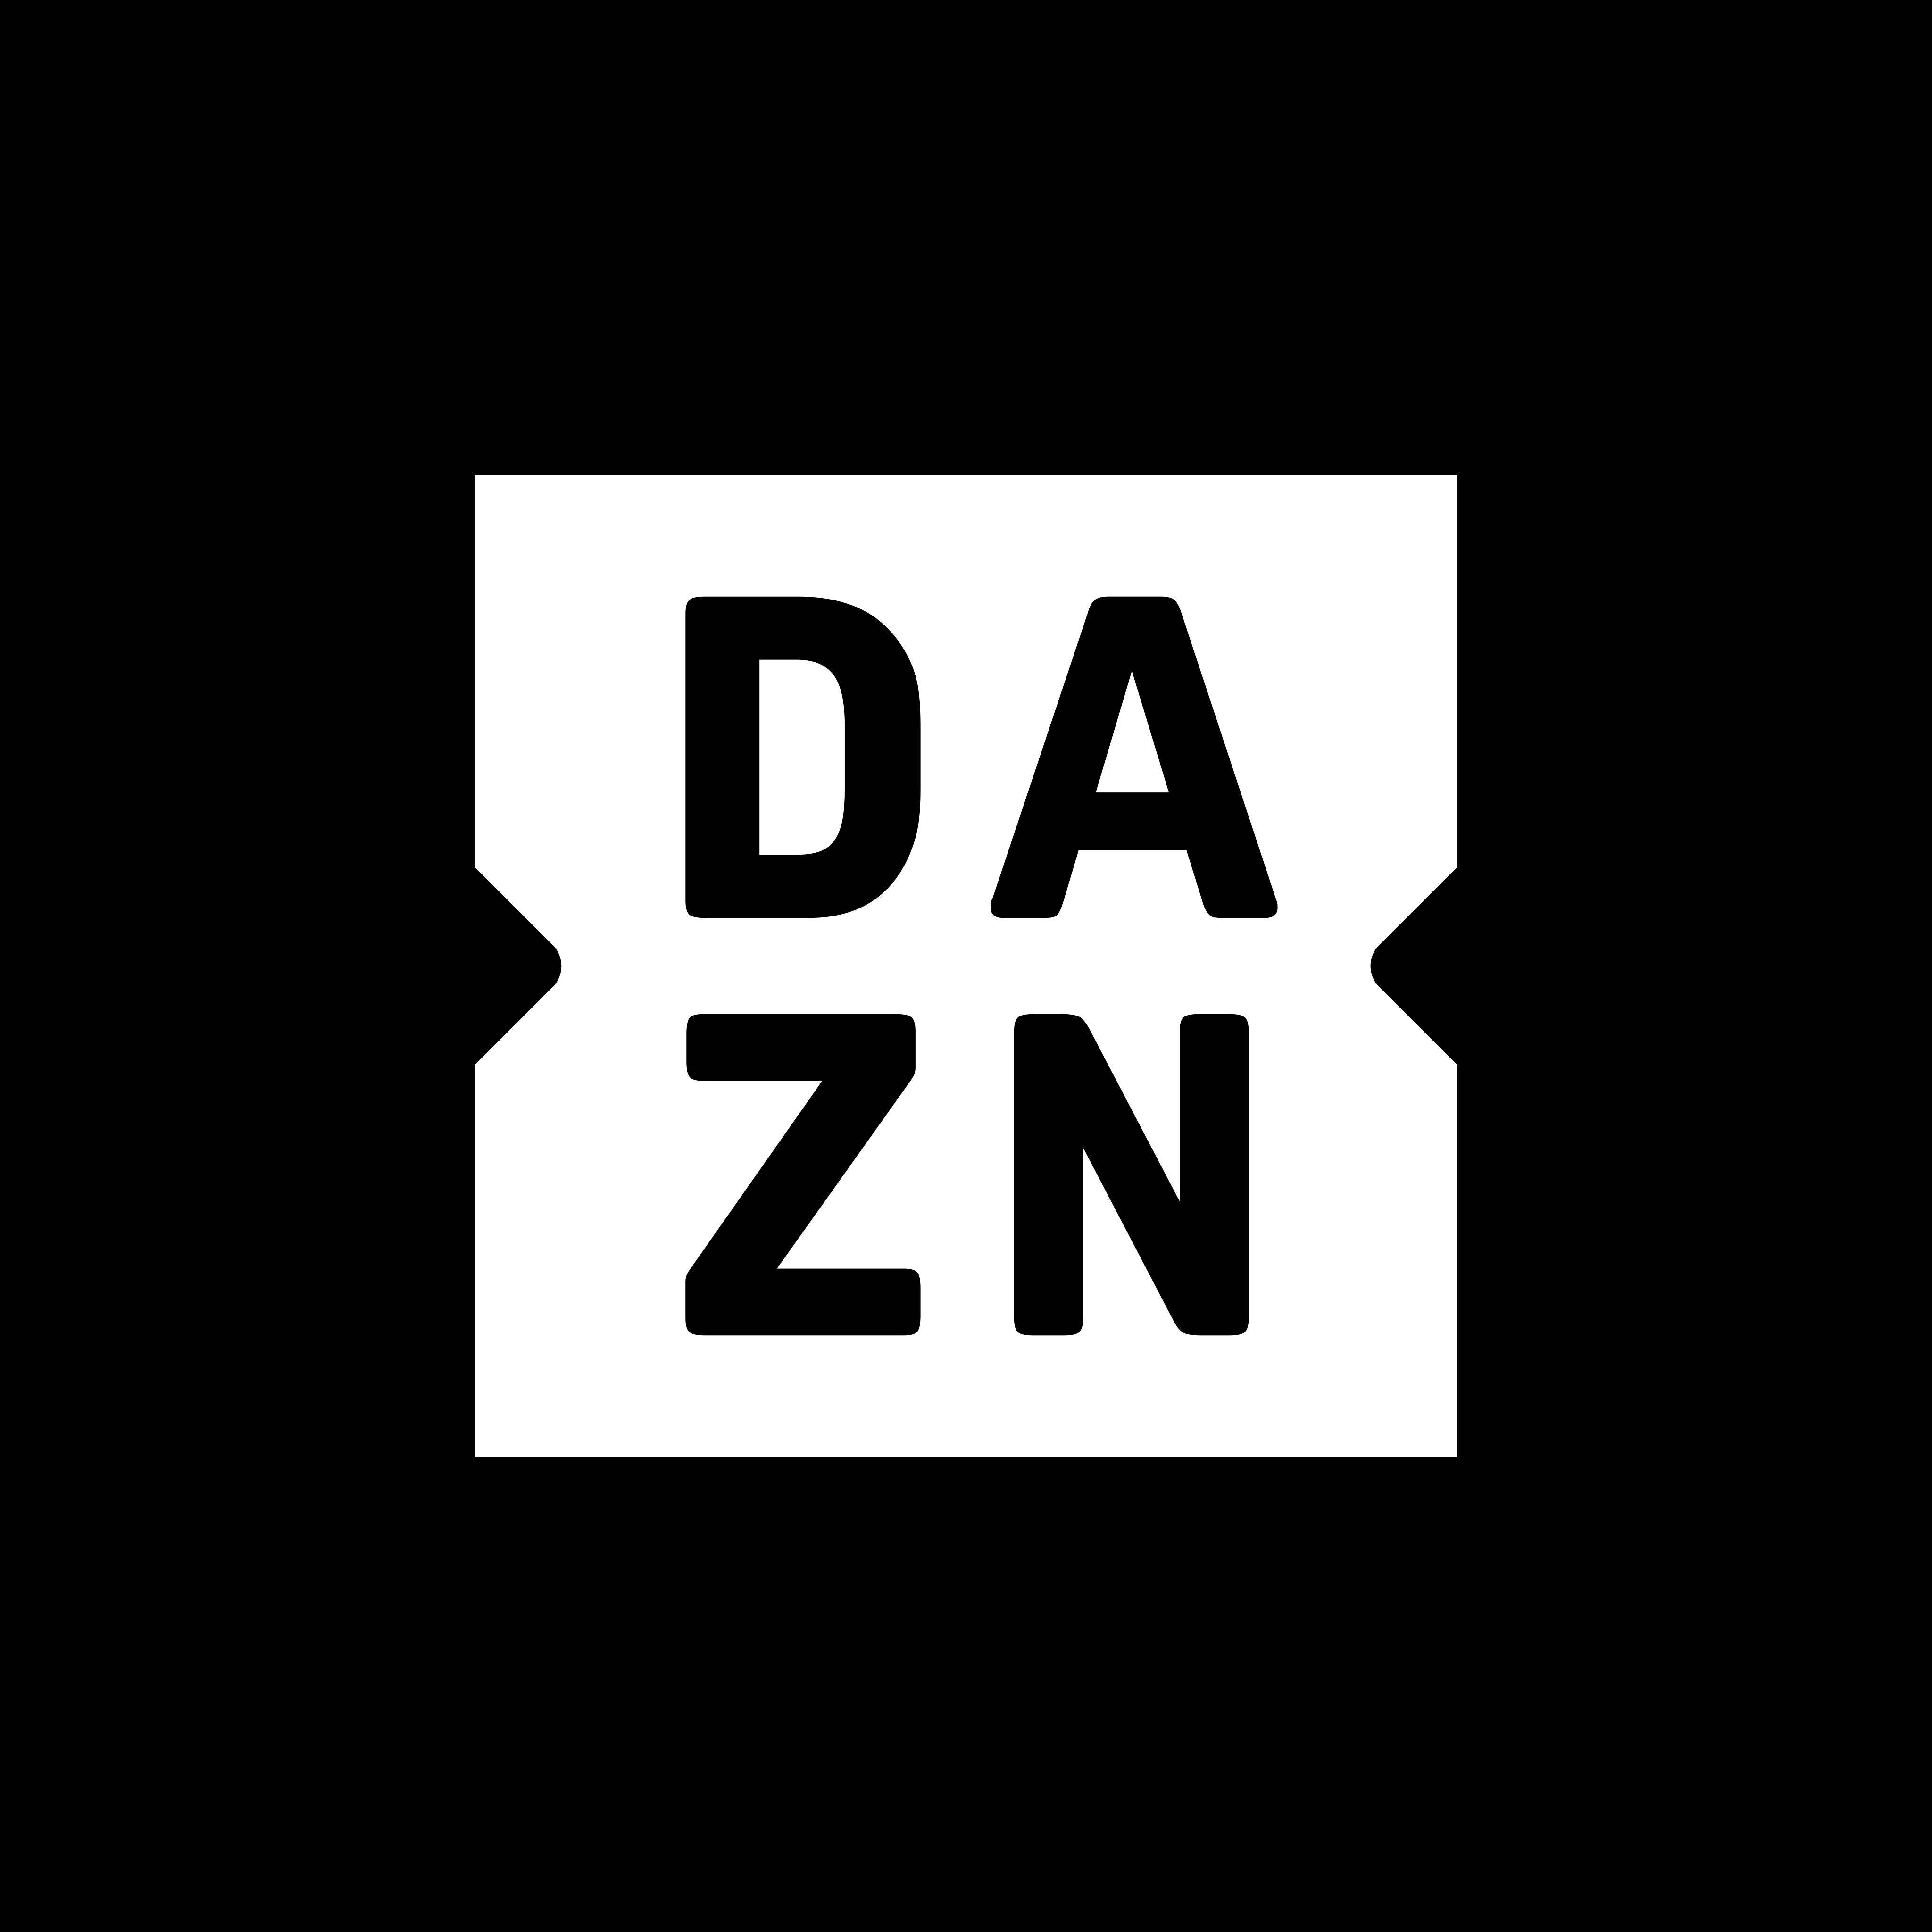 dazn logo 0 1 - DAZN Logo